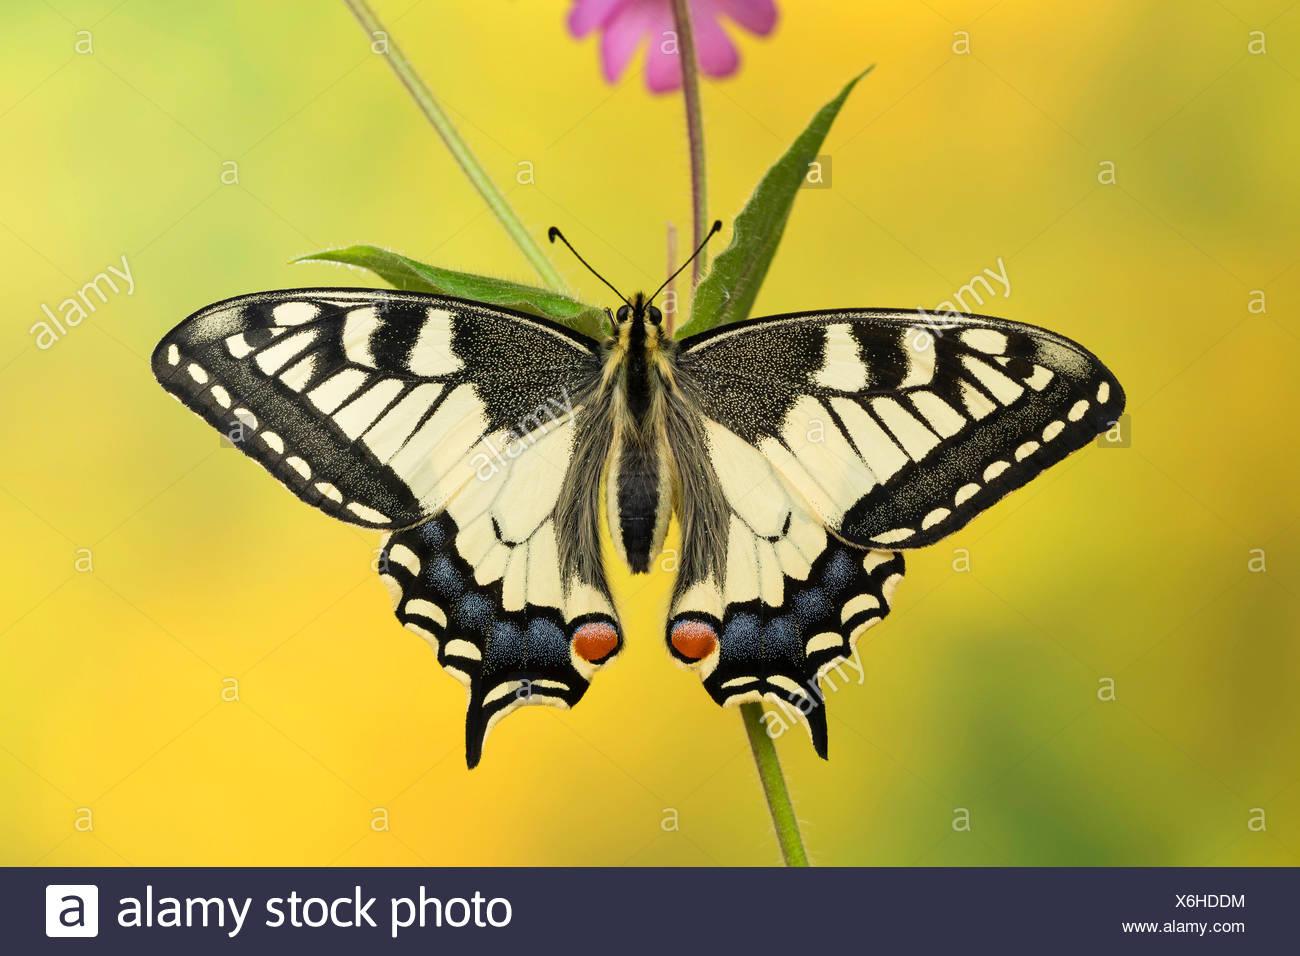 Papilio machaon), est assis sur une tige, Allemagne Photo Stock